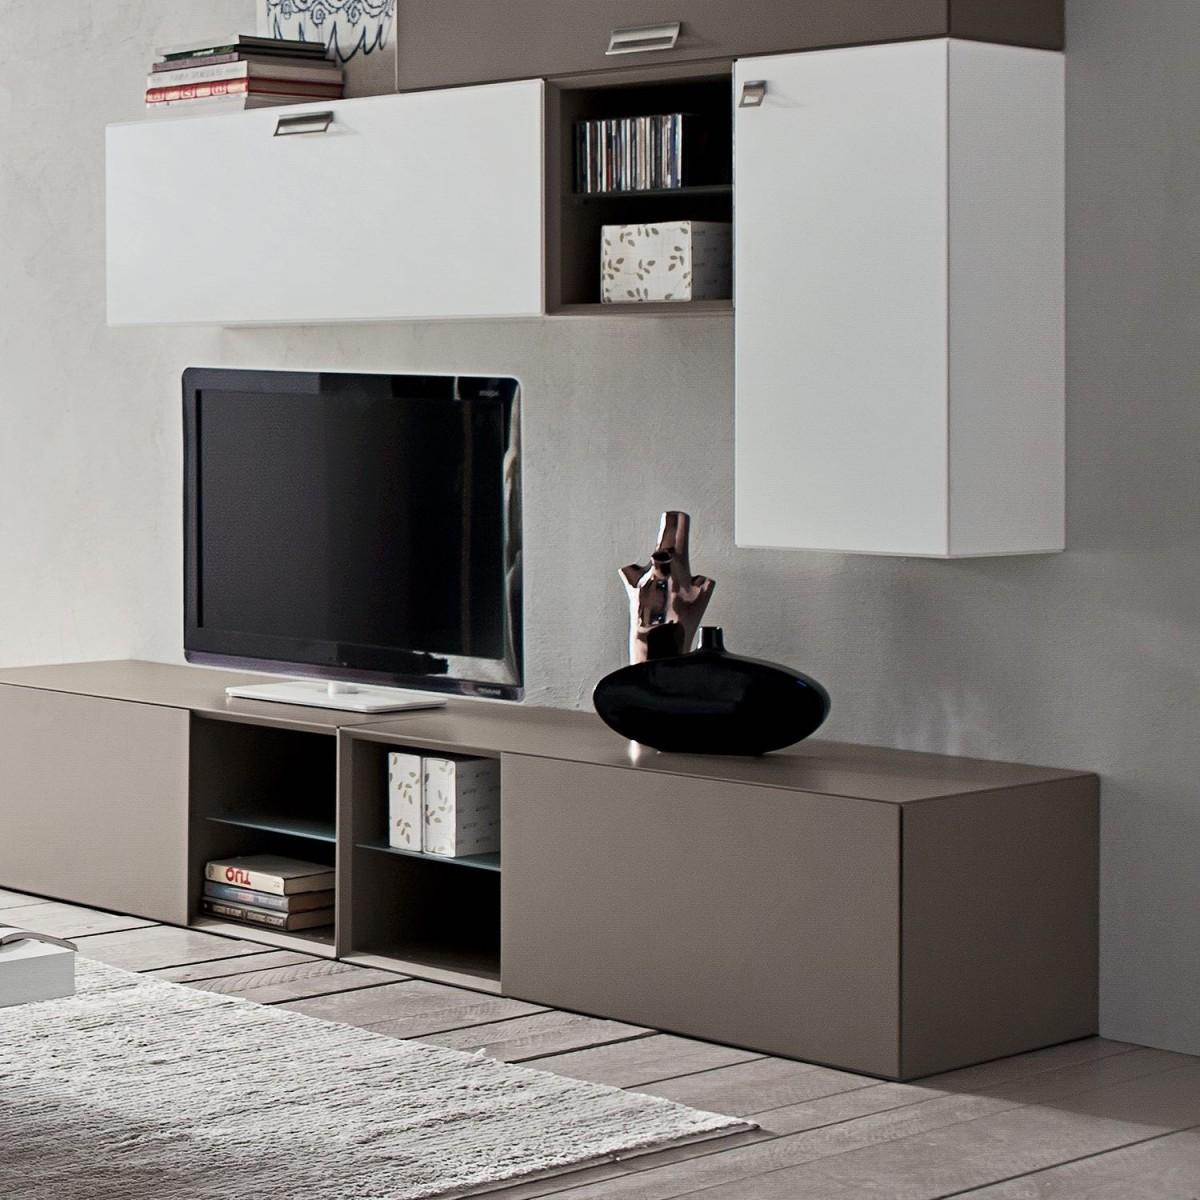 Mobili per soggiorno moderno in legno Marko